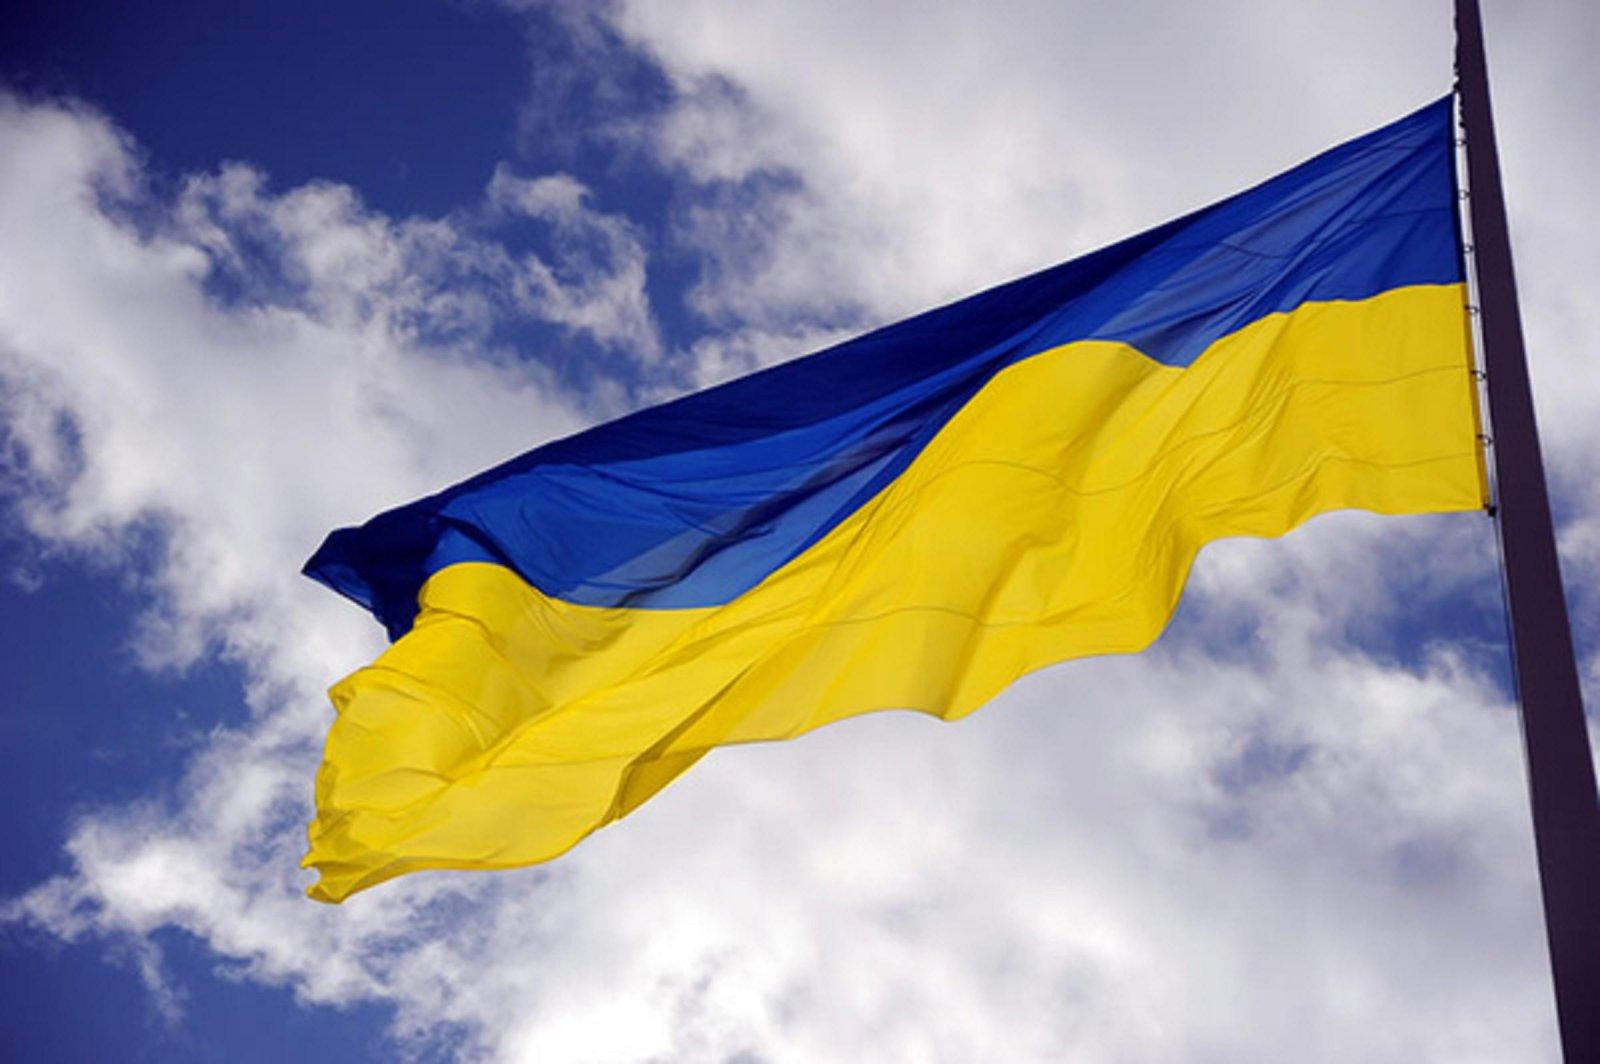 Зростання української економіки склало 2,2% в 2017 році